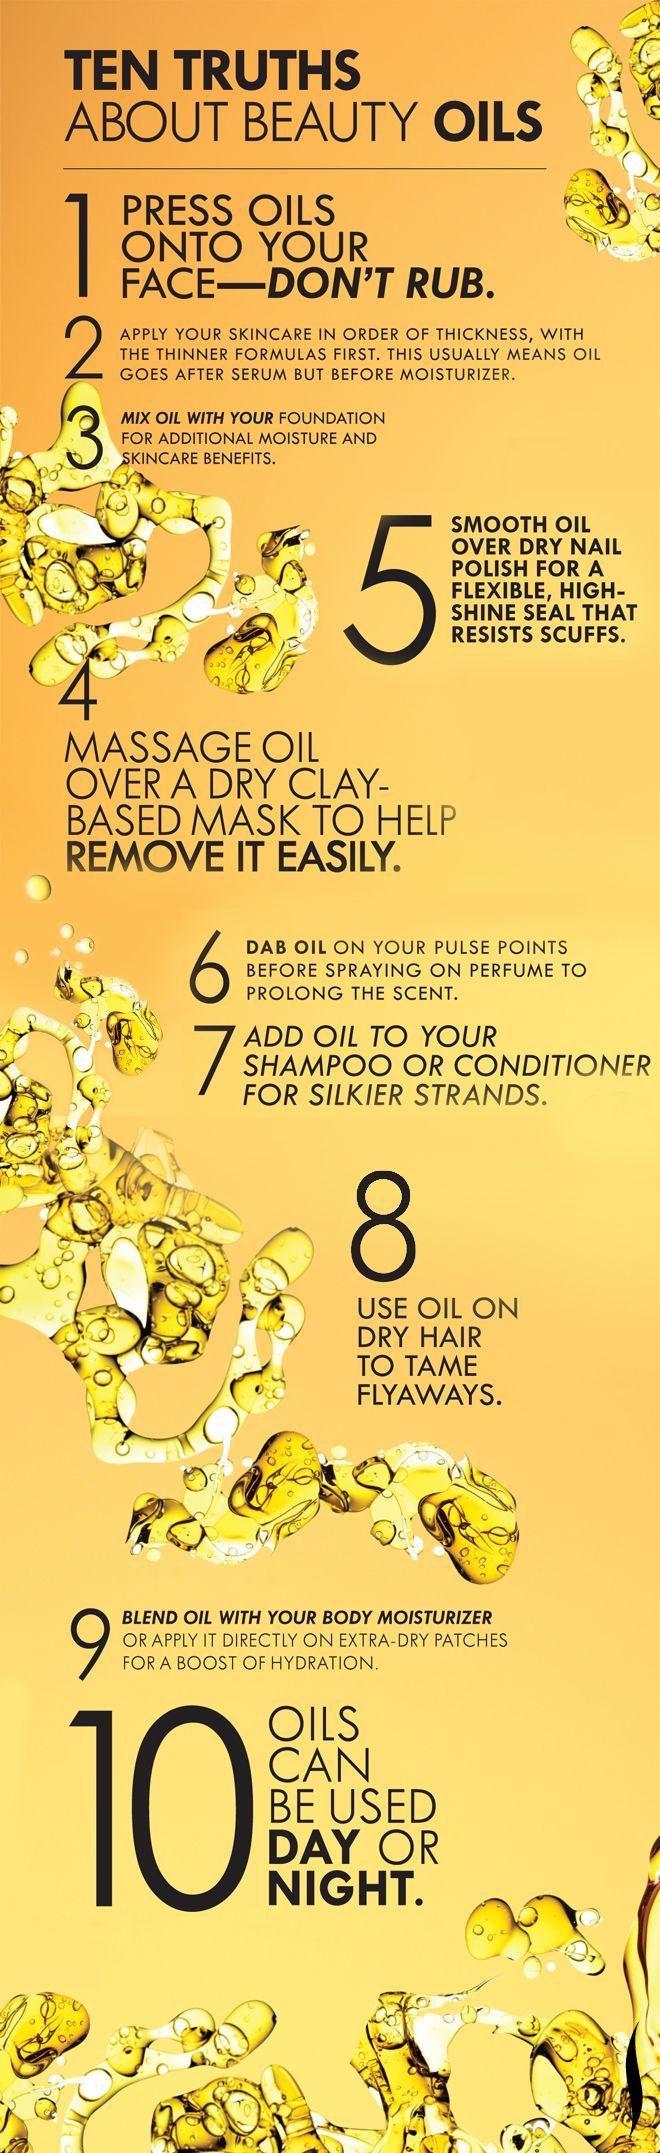 Ten truths about beauty oils.